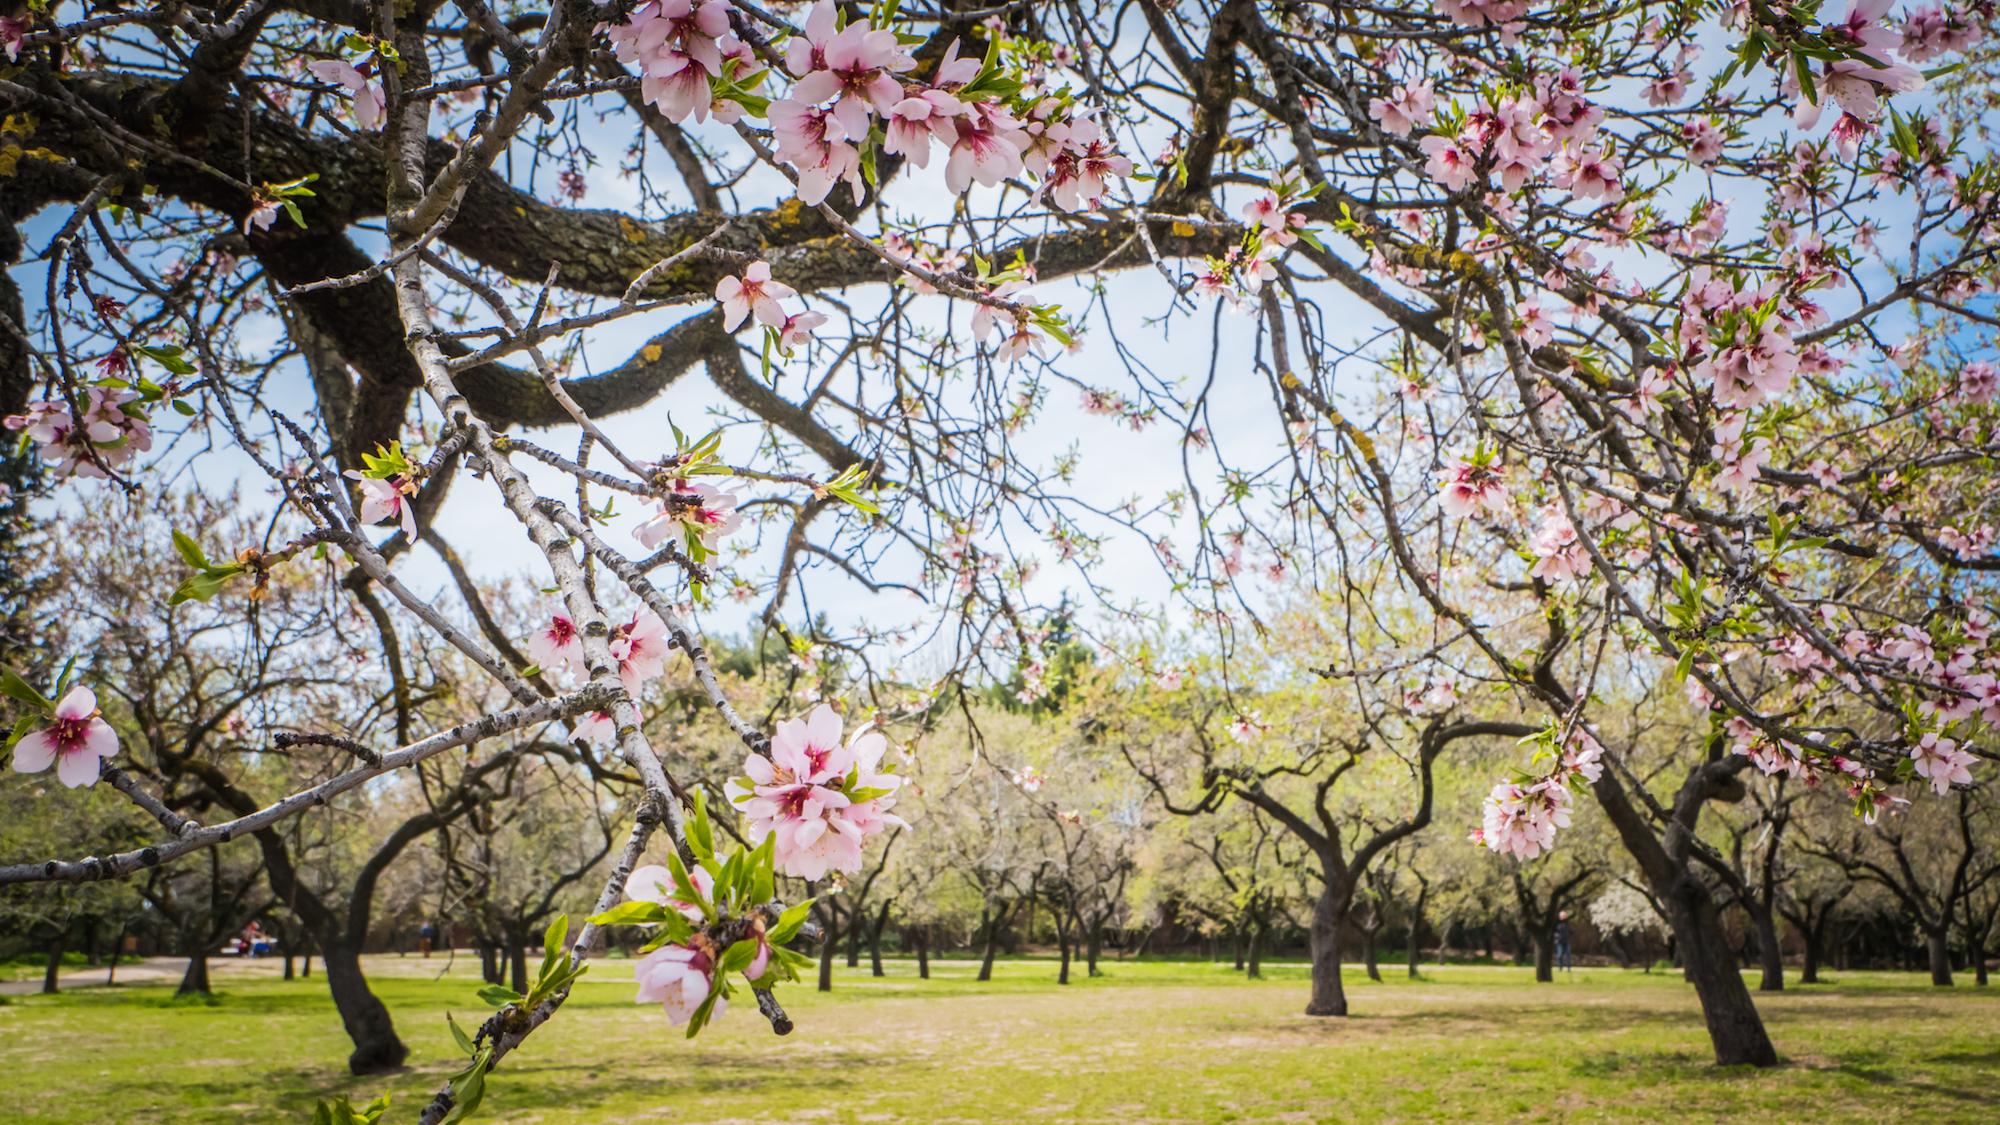 Vuelve la espectacular floración de almendros en La Quinta de los Molinos